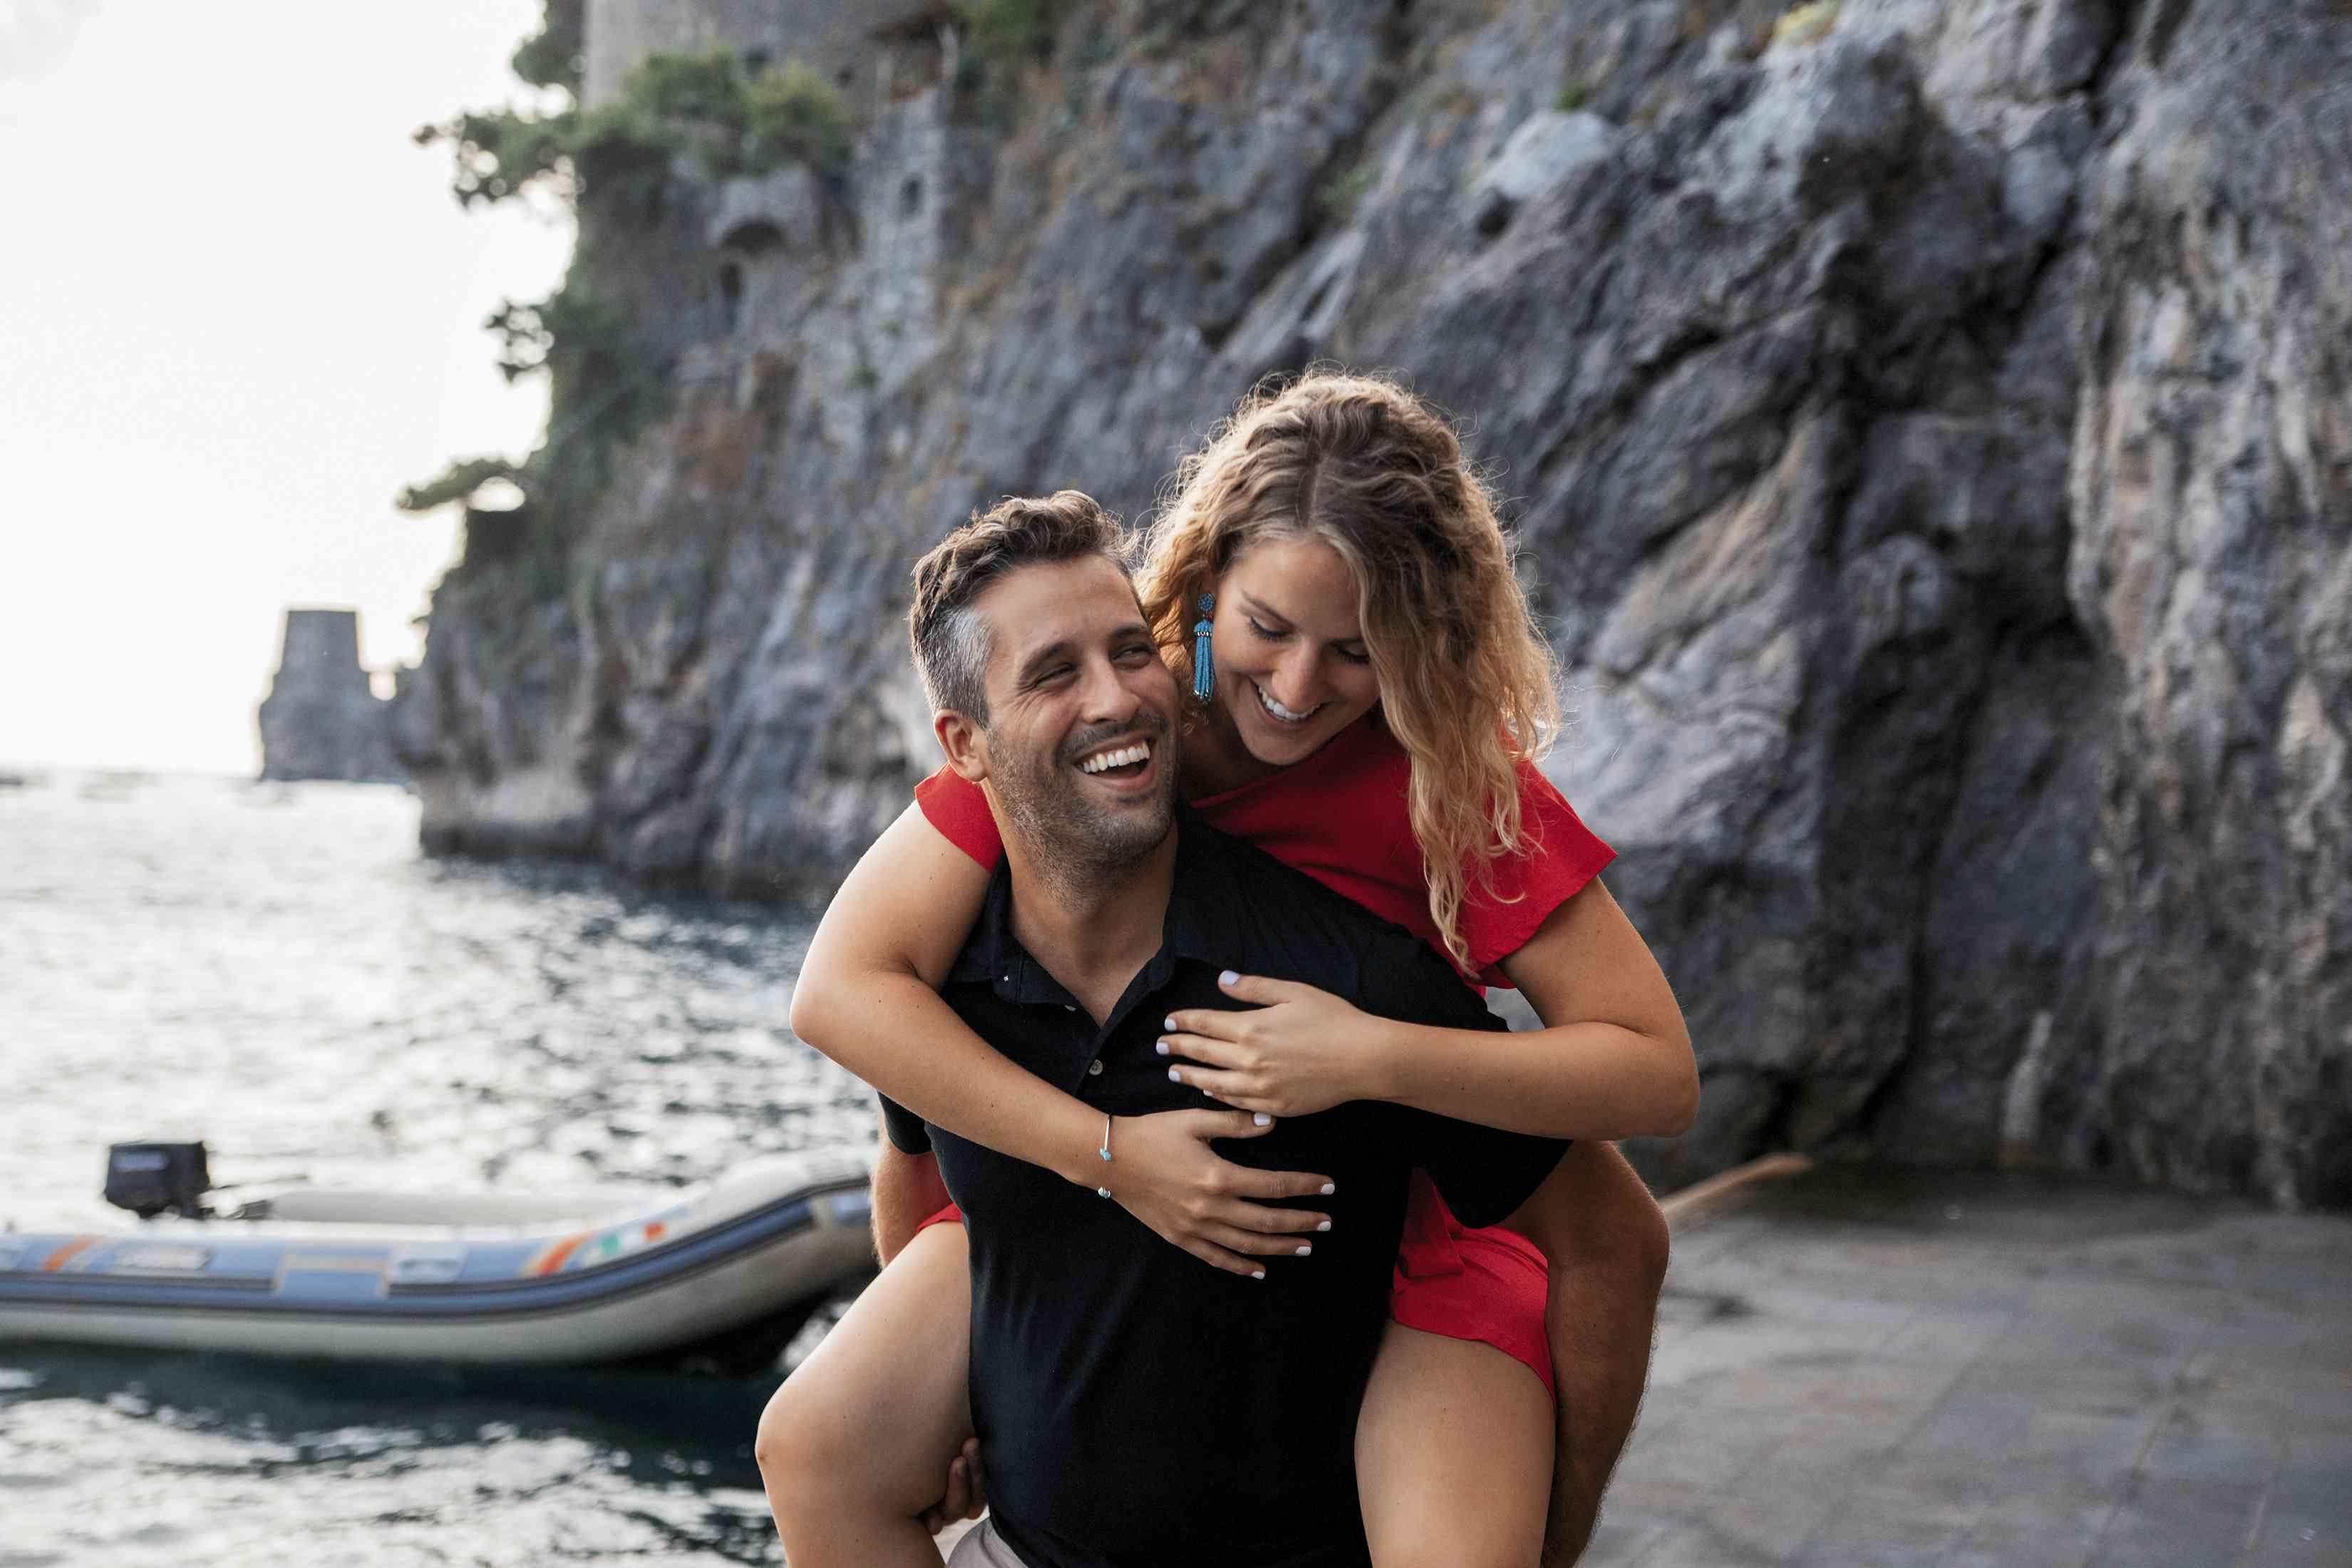 Man holding woman by a lake